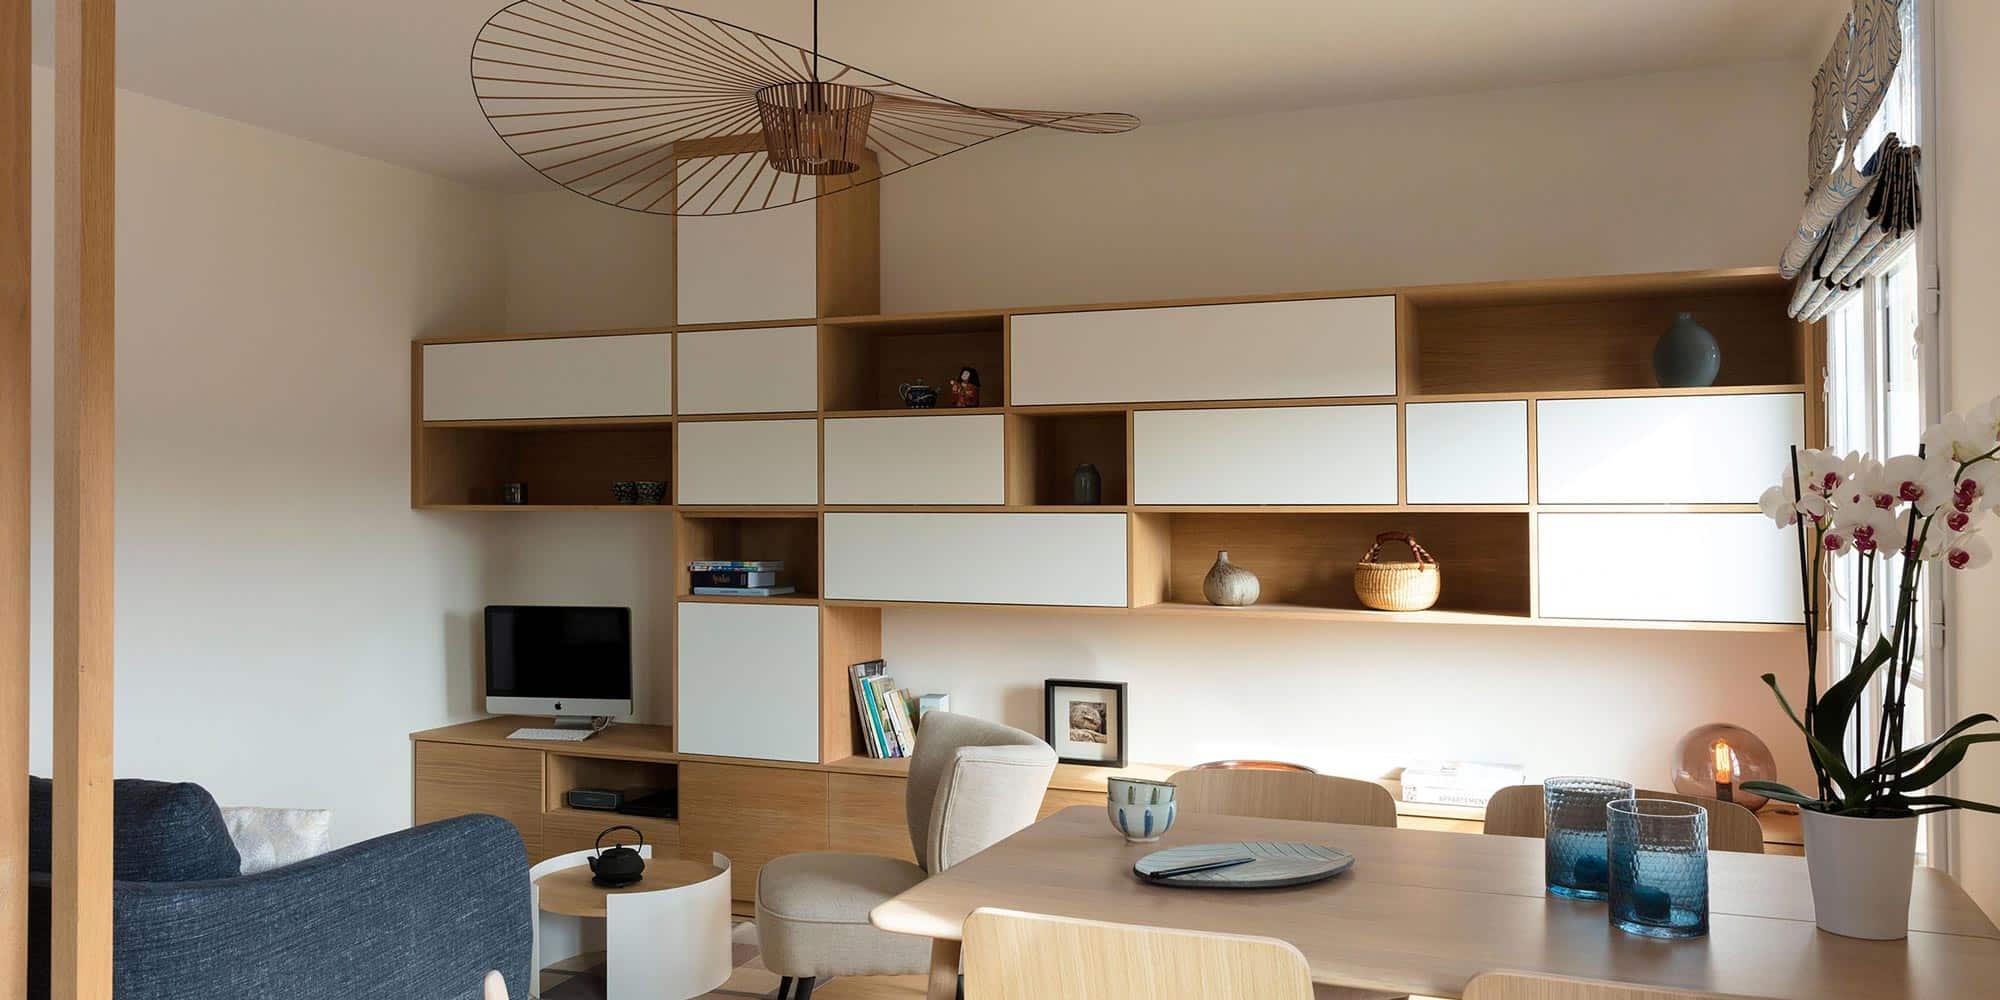 Christiansen design - Architecte intérieur 78